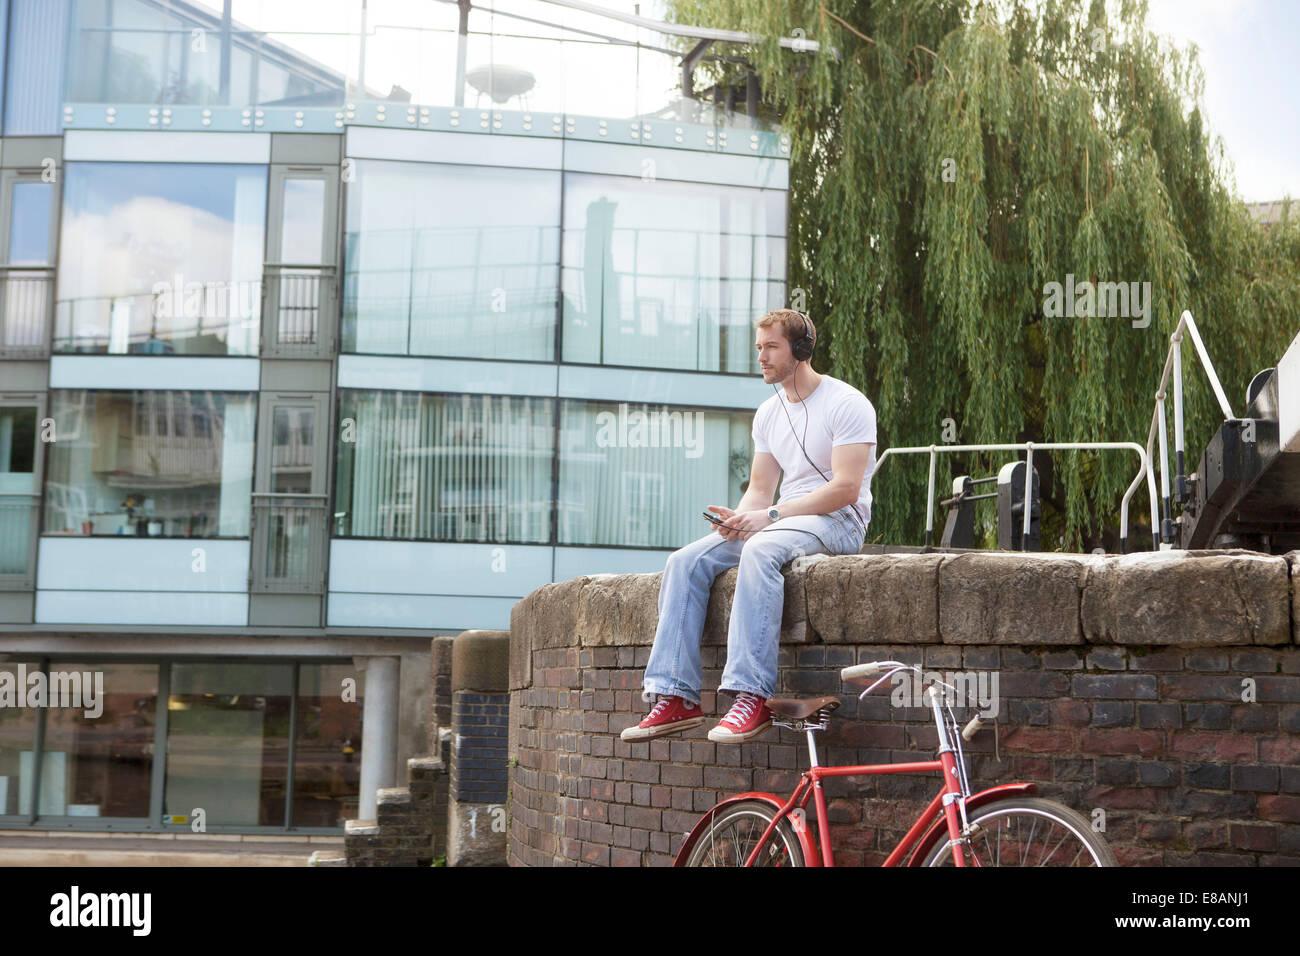 L'homme à écouter de la musique par canal, East London, UK Photo Stock